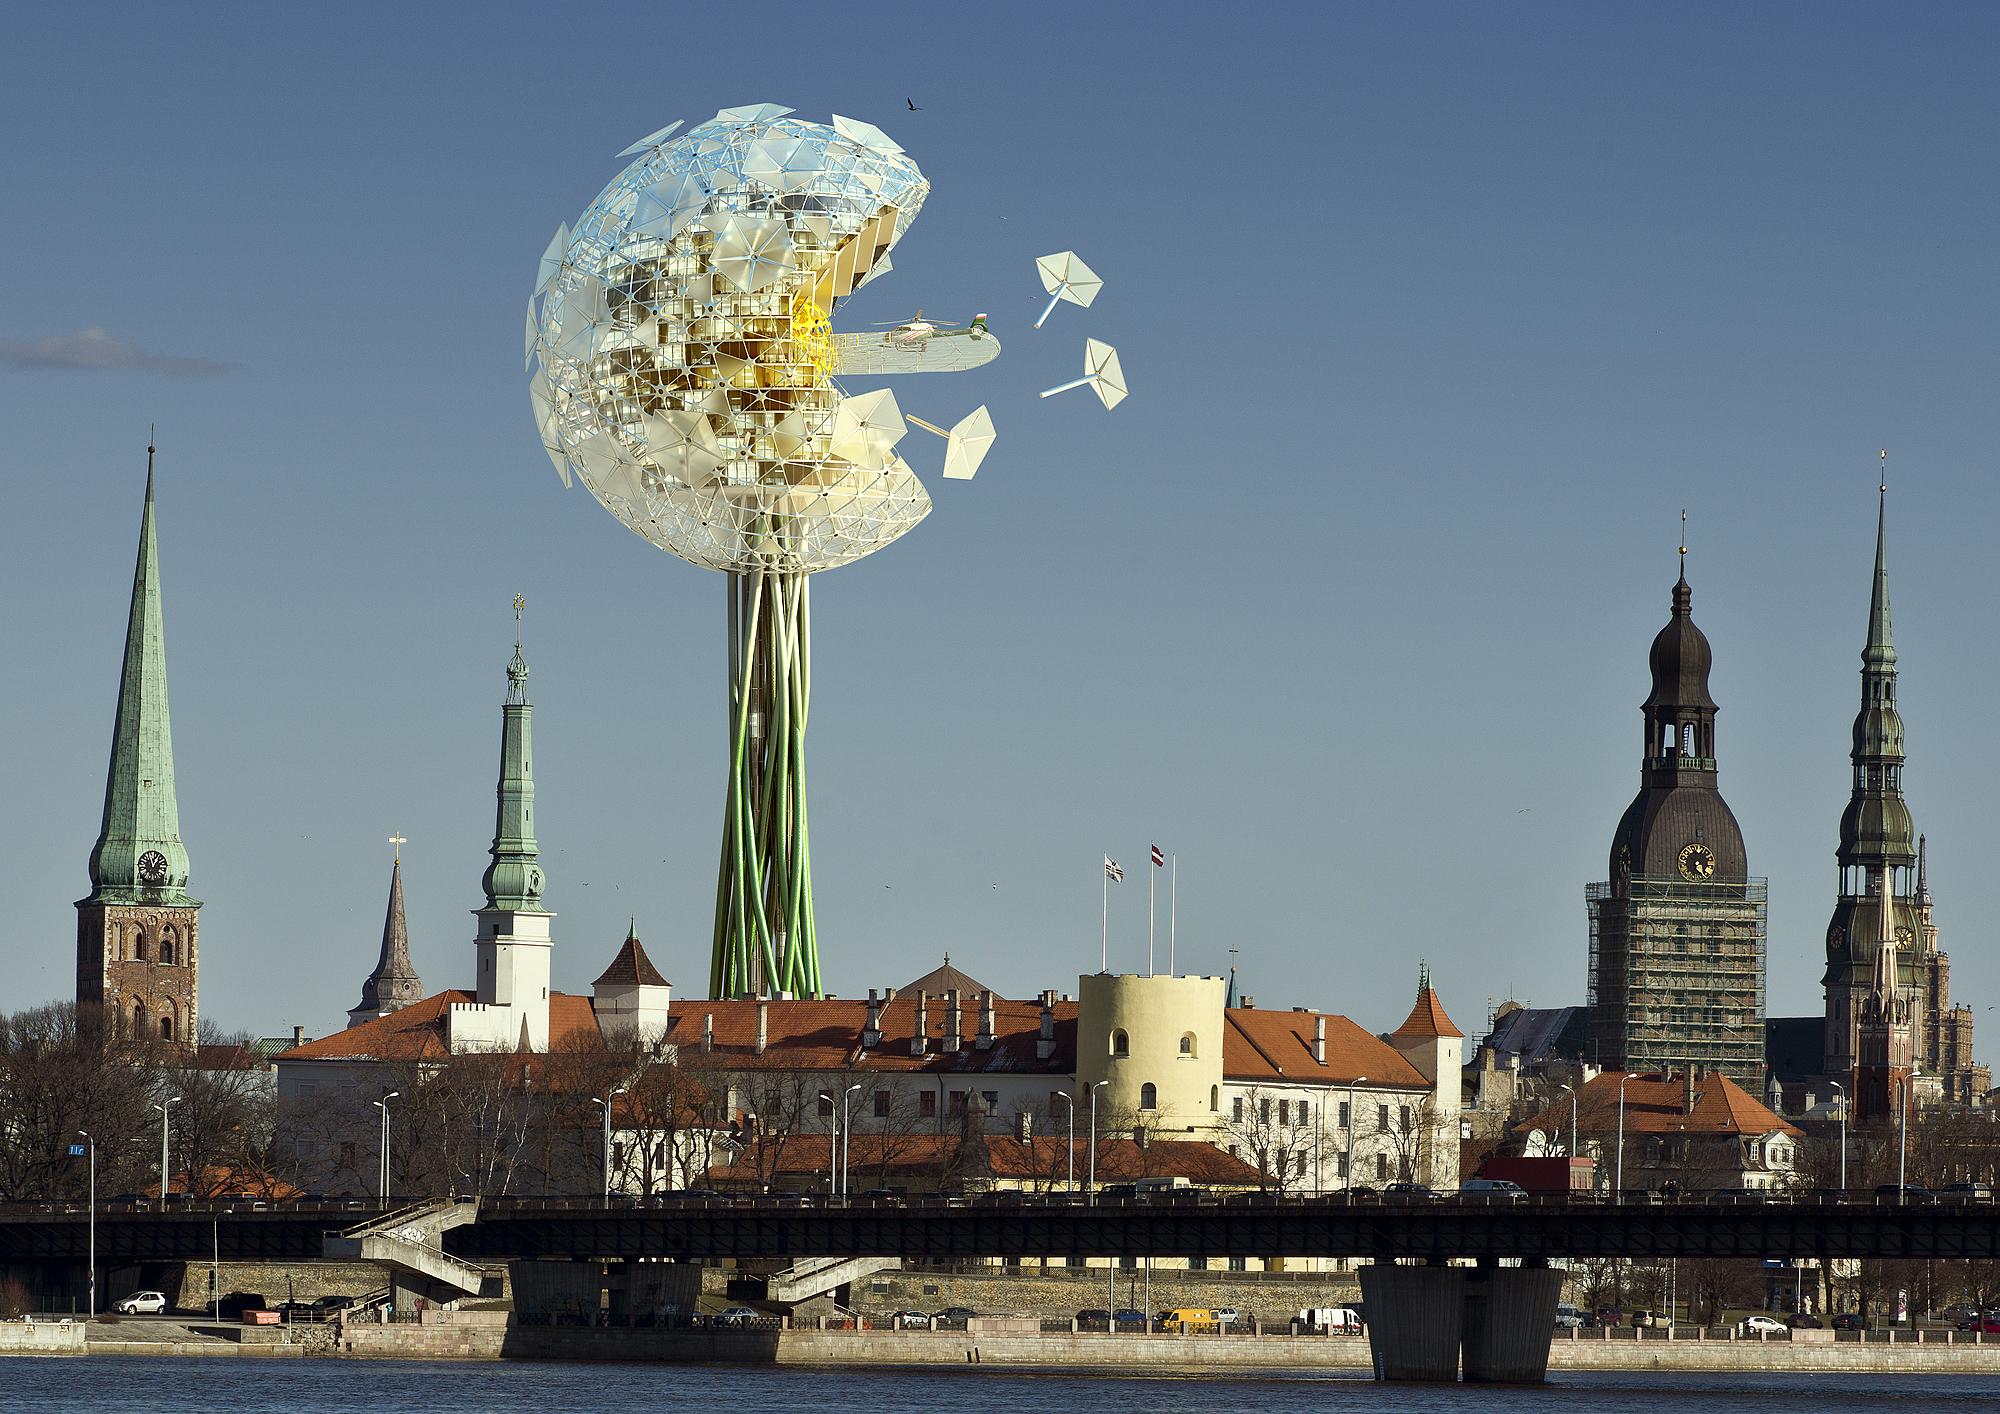 В финал Baltic PR Awards 2012 выдвинуты пять кампаний Deep White